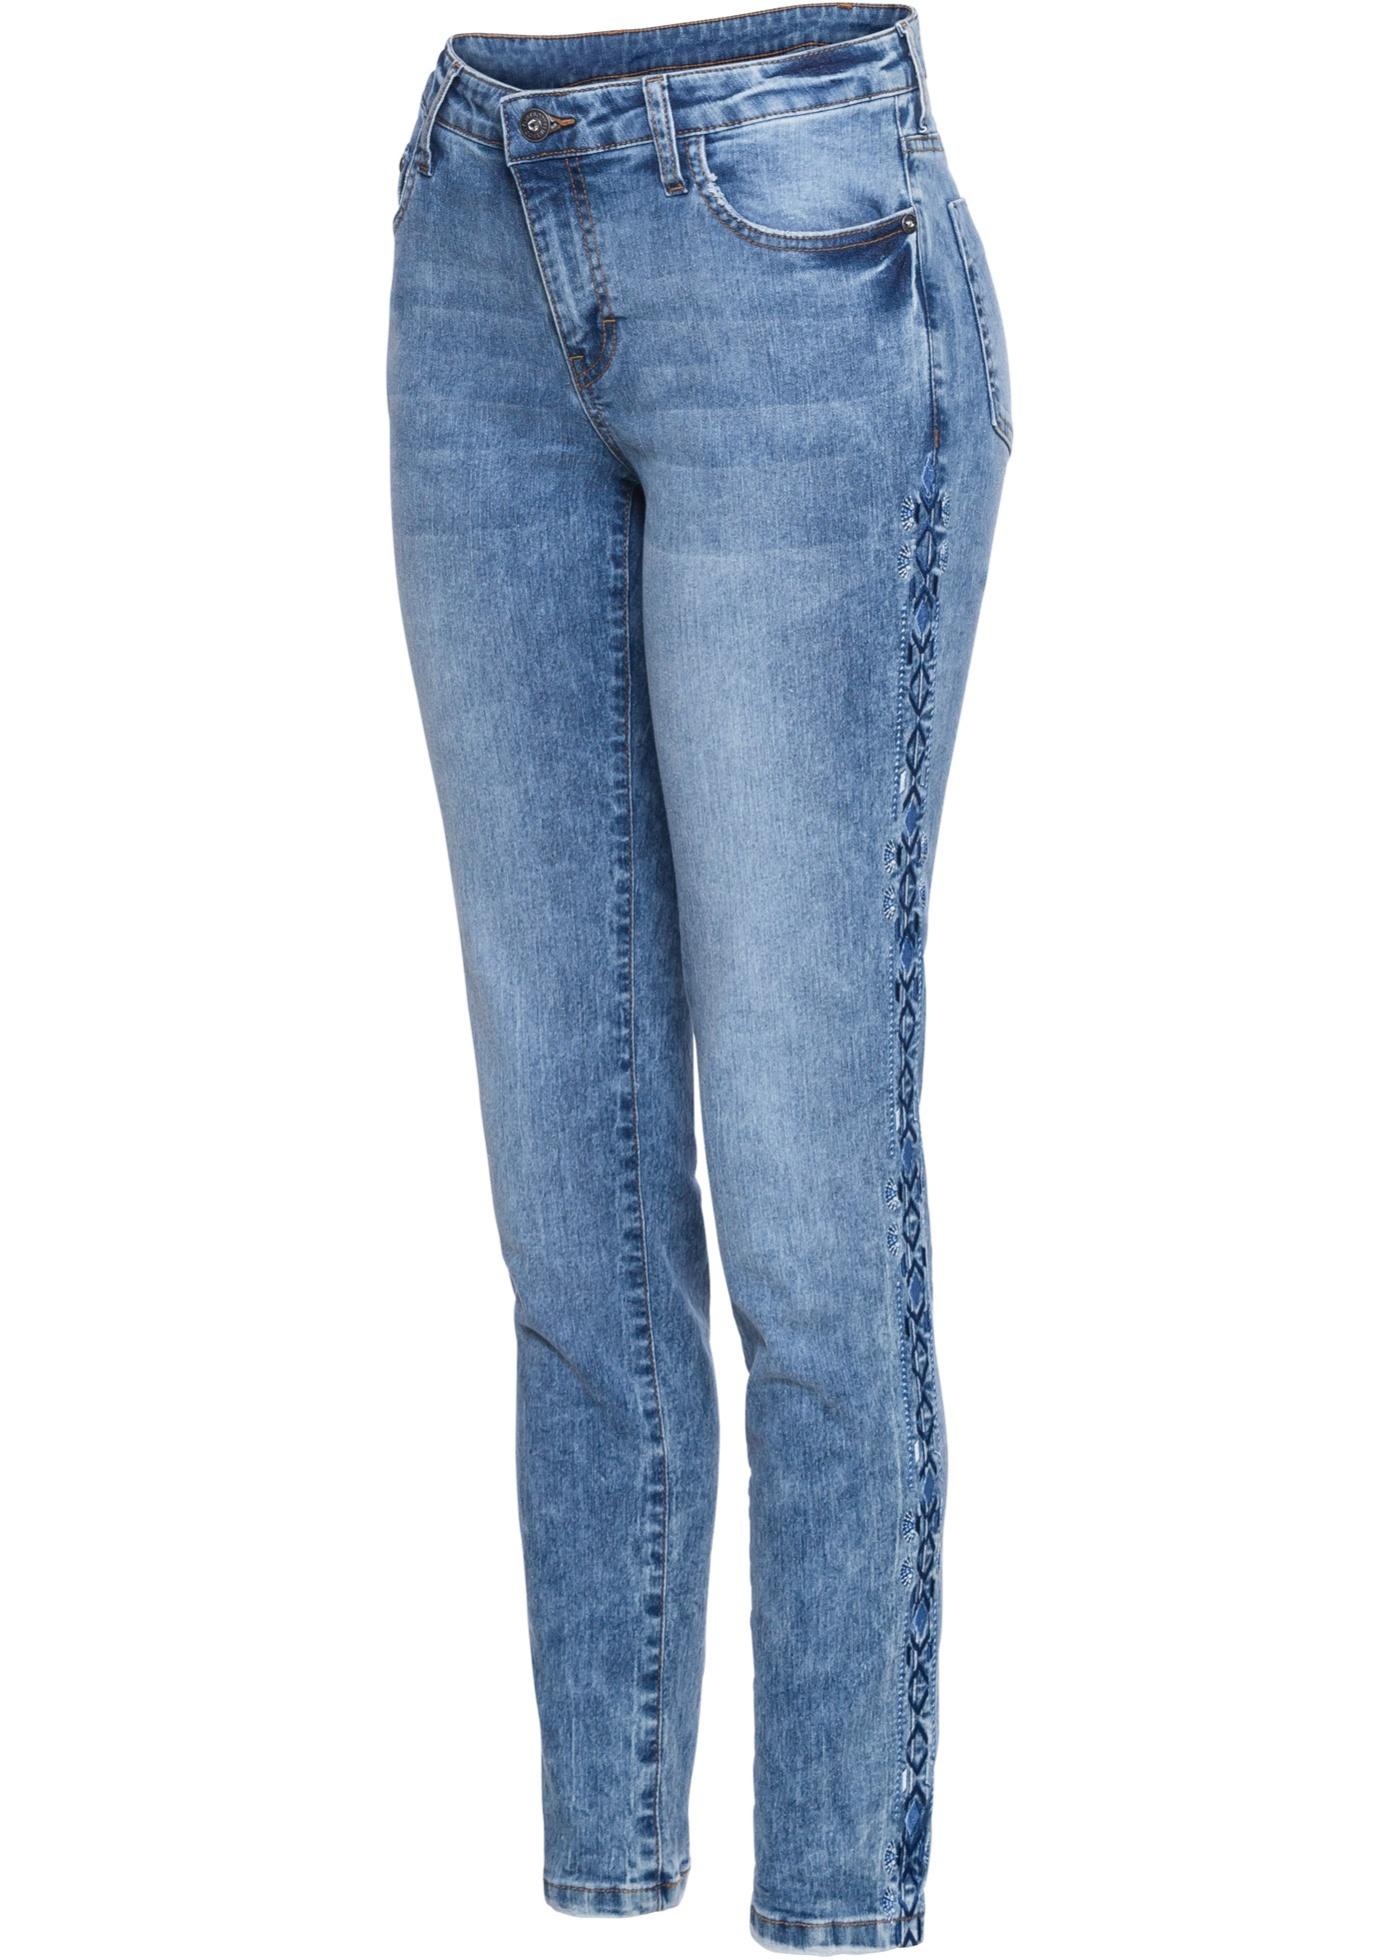 Bonprix - Jeans med broderi 349.00